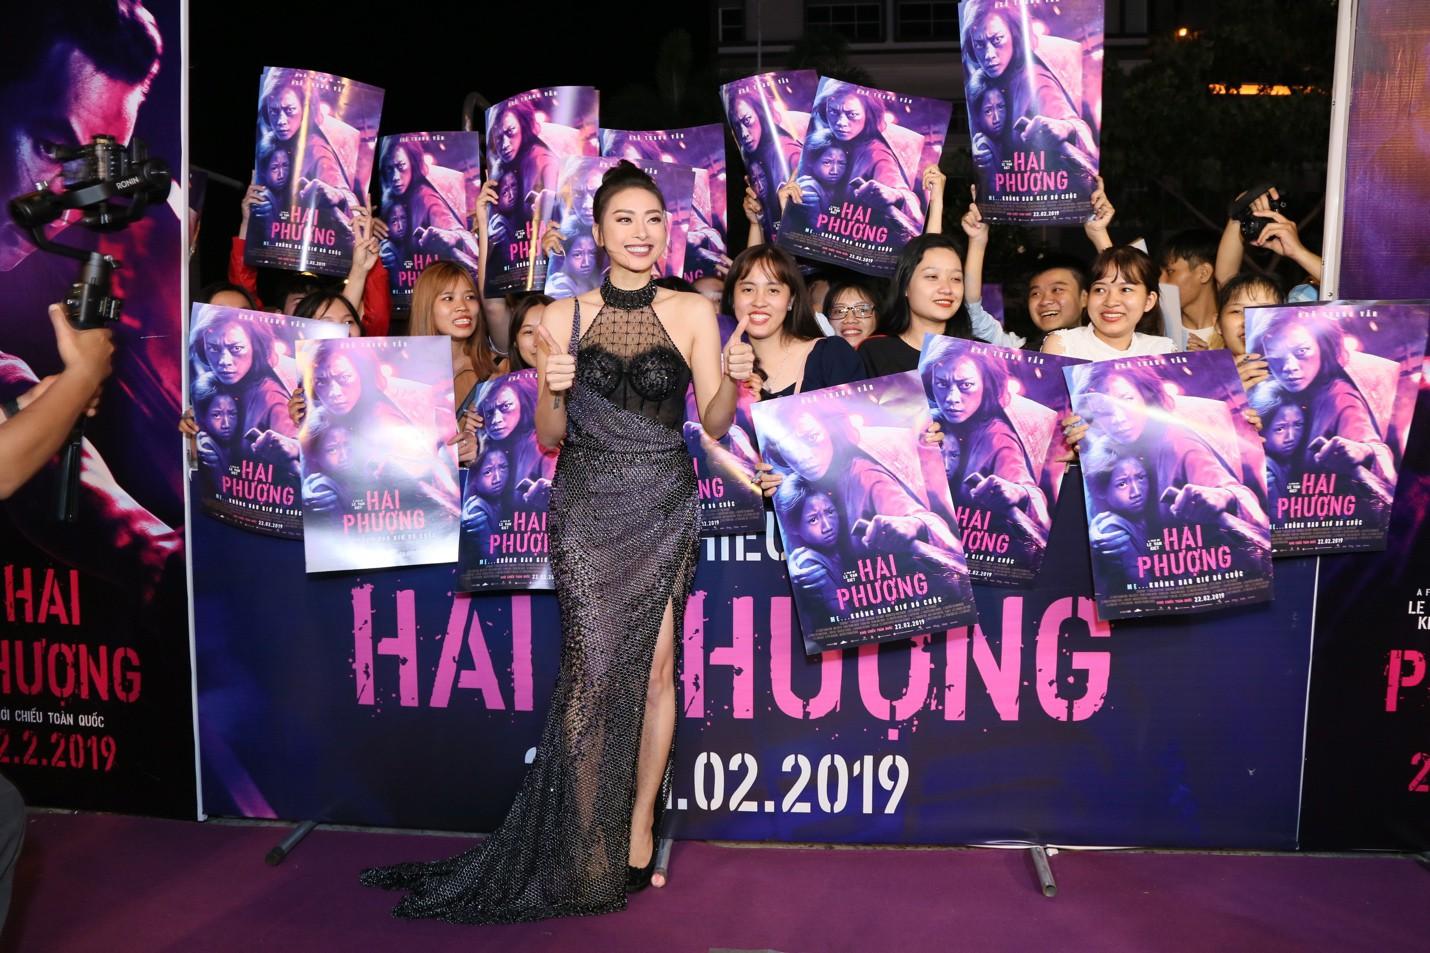 Hai Phượng của Ngô Thanh Vân ra mắt khán giả Mỹ ngày 1/3/2019 - Ảnh 5.